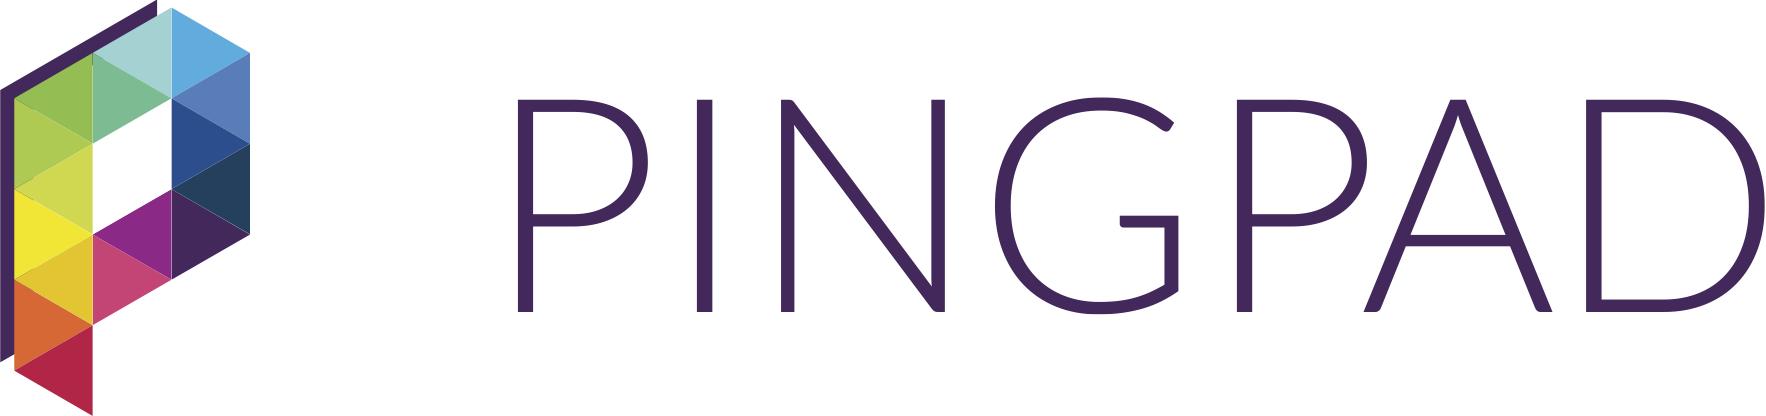 pingpad_logo_hrz.png